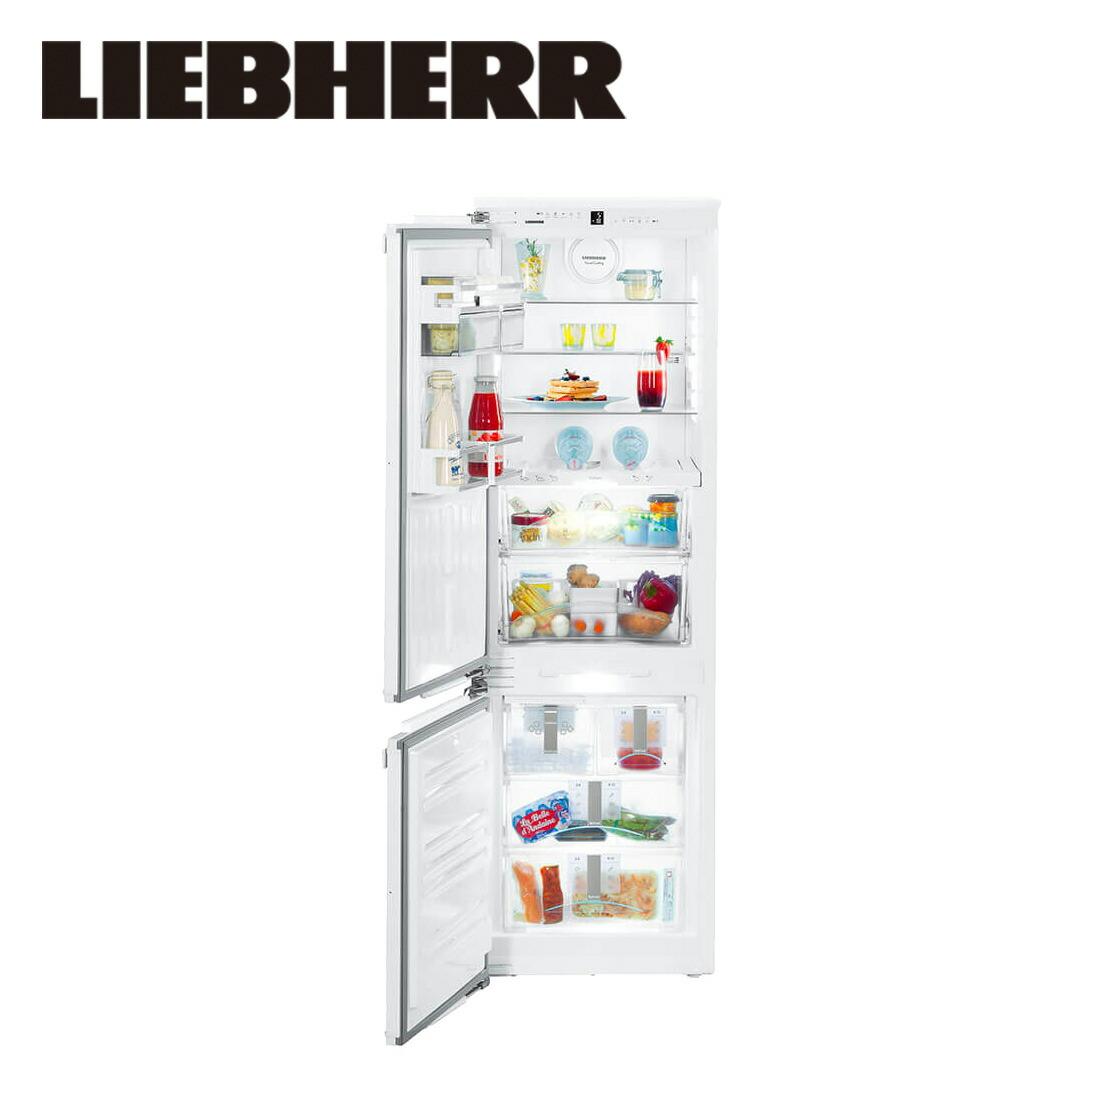 【ポイント不要の場合値引】【一都三県は送料・設置費無料】LIEBHERR リープヘル 冷蔵庫 SICBN3366 premium バイオフレッシュ冷蔵庫 冷凍庫 製氷機能 2ドア / 代引き不可